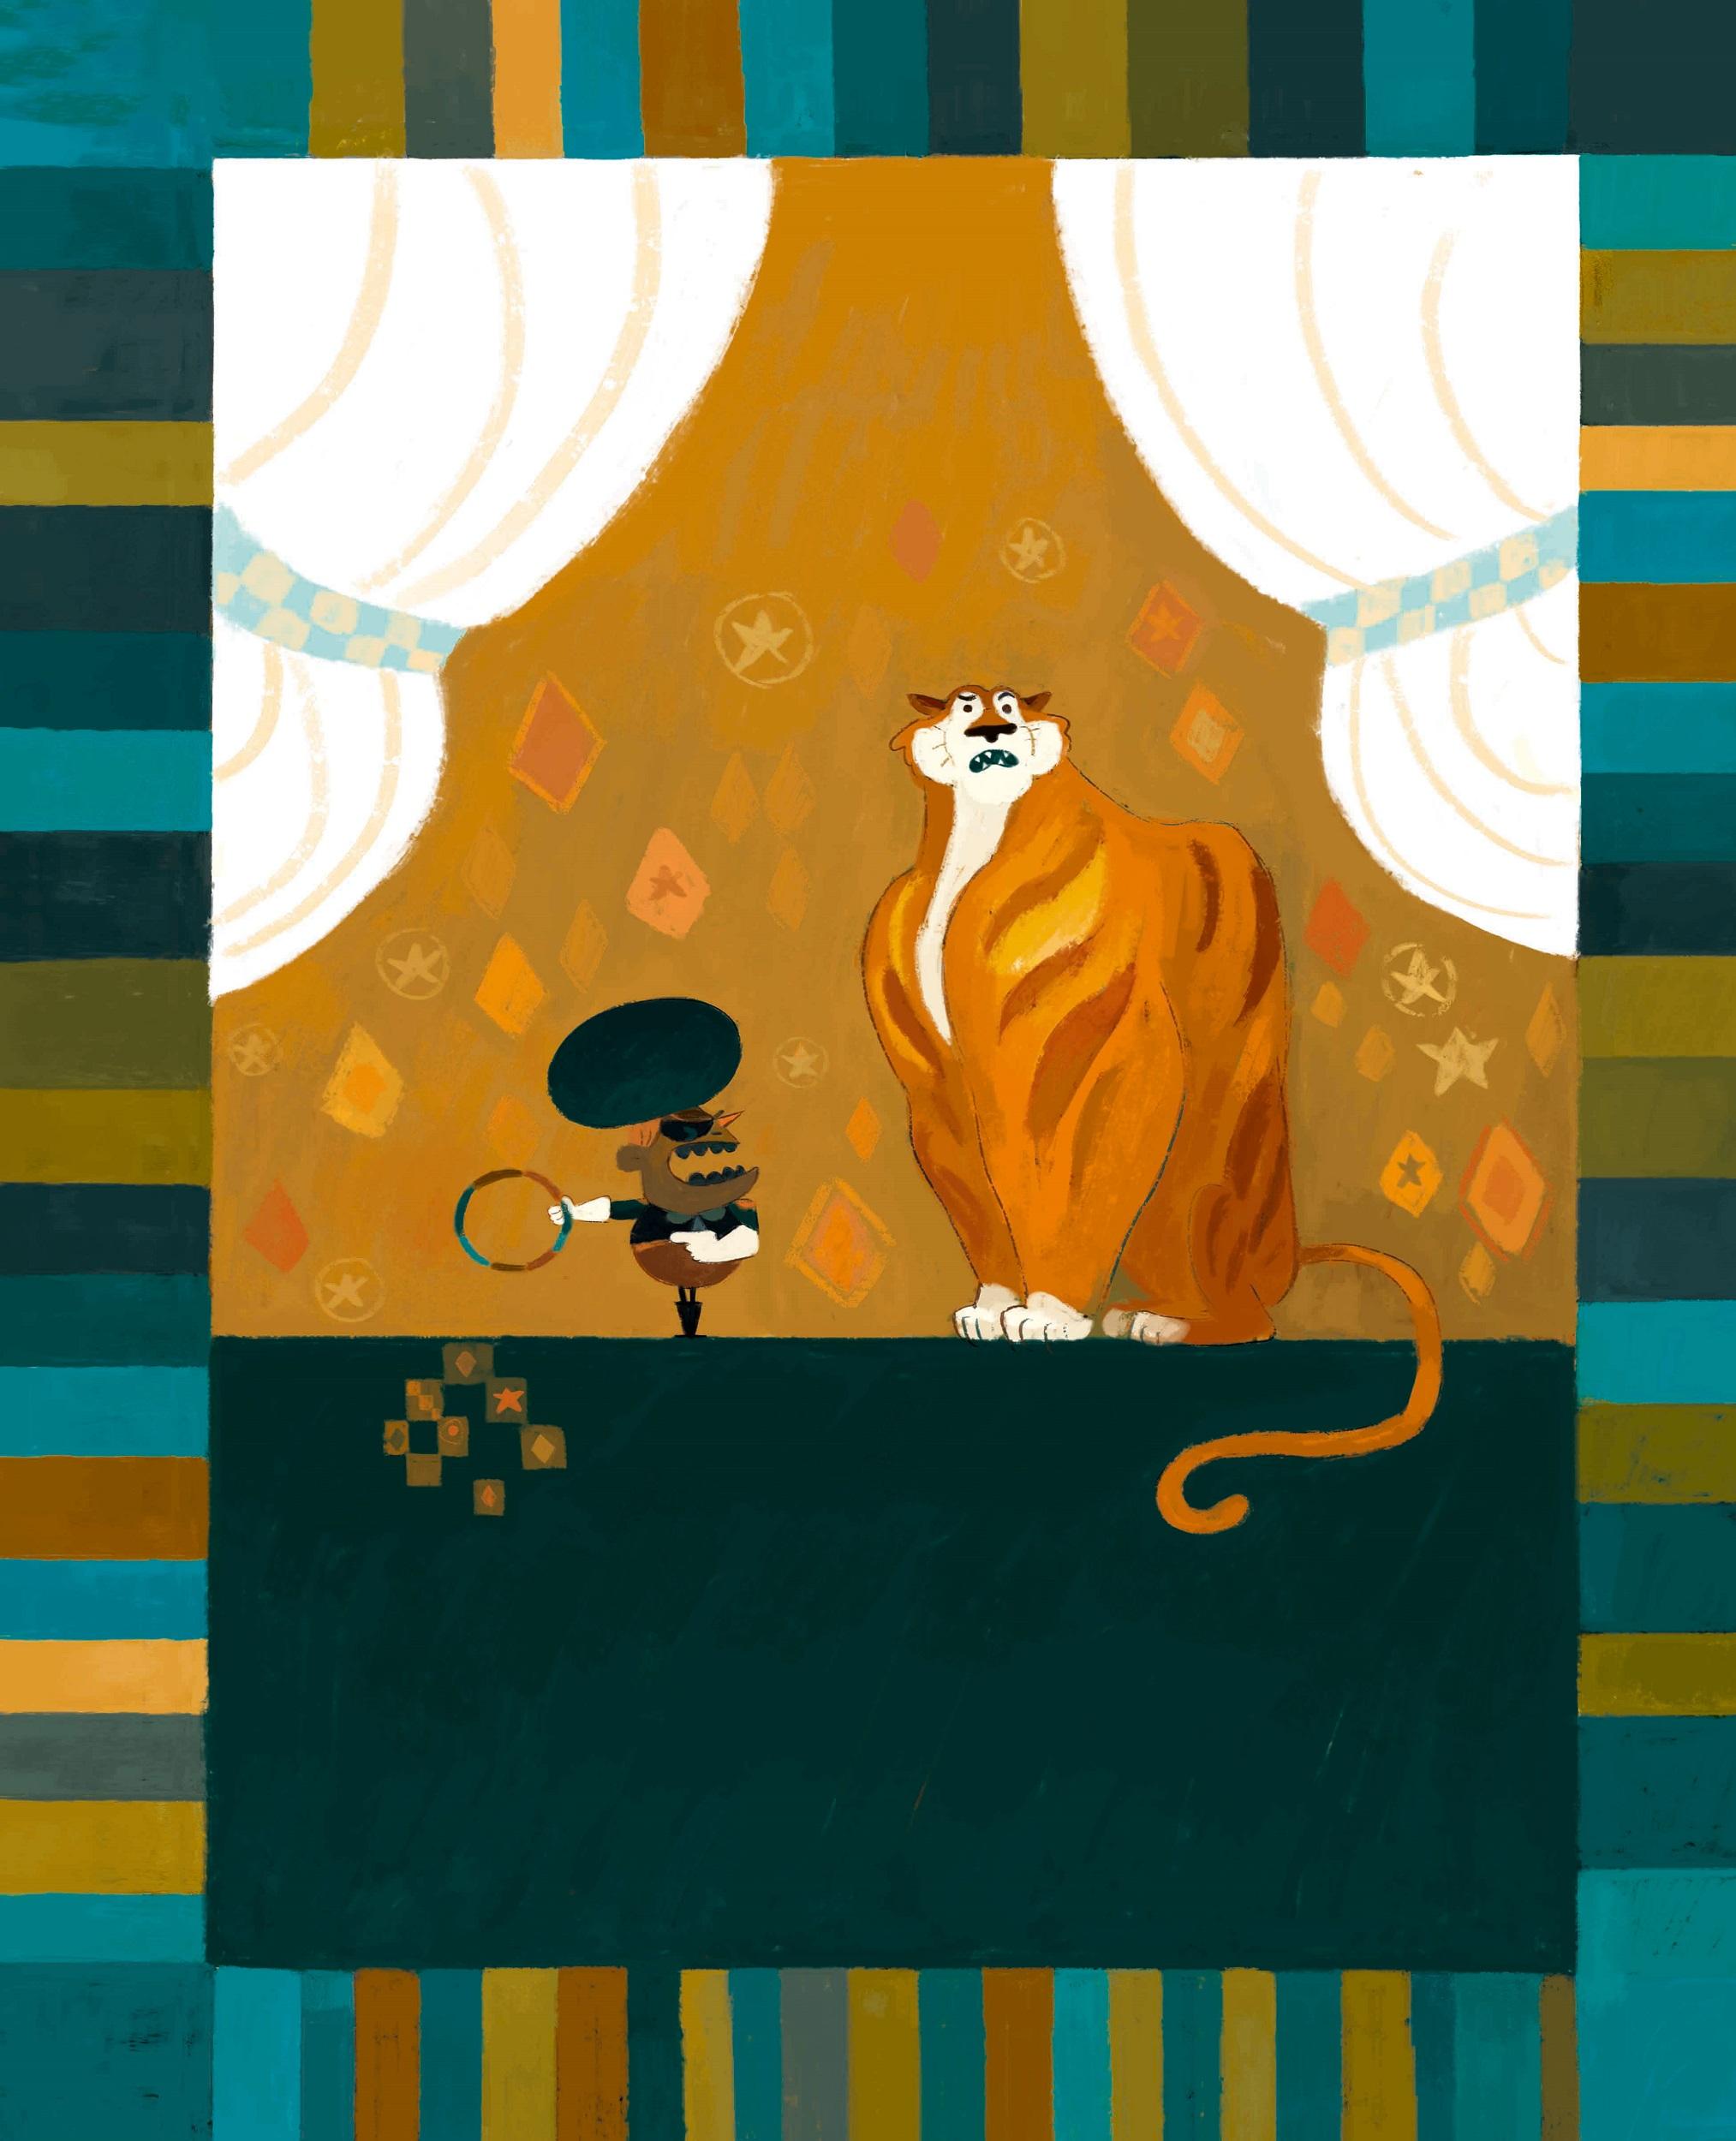 Quand le cirque est venu : George Poutche et le tigre